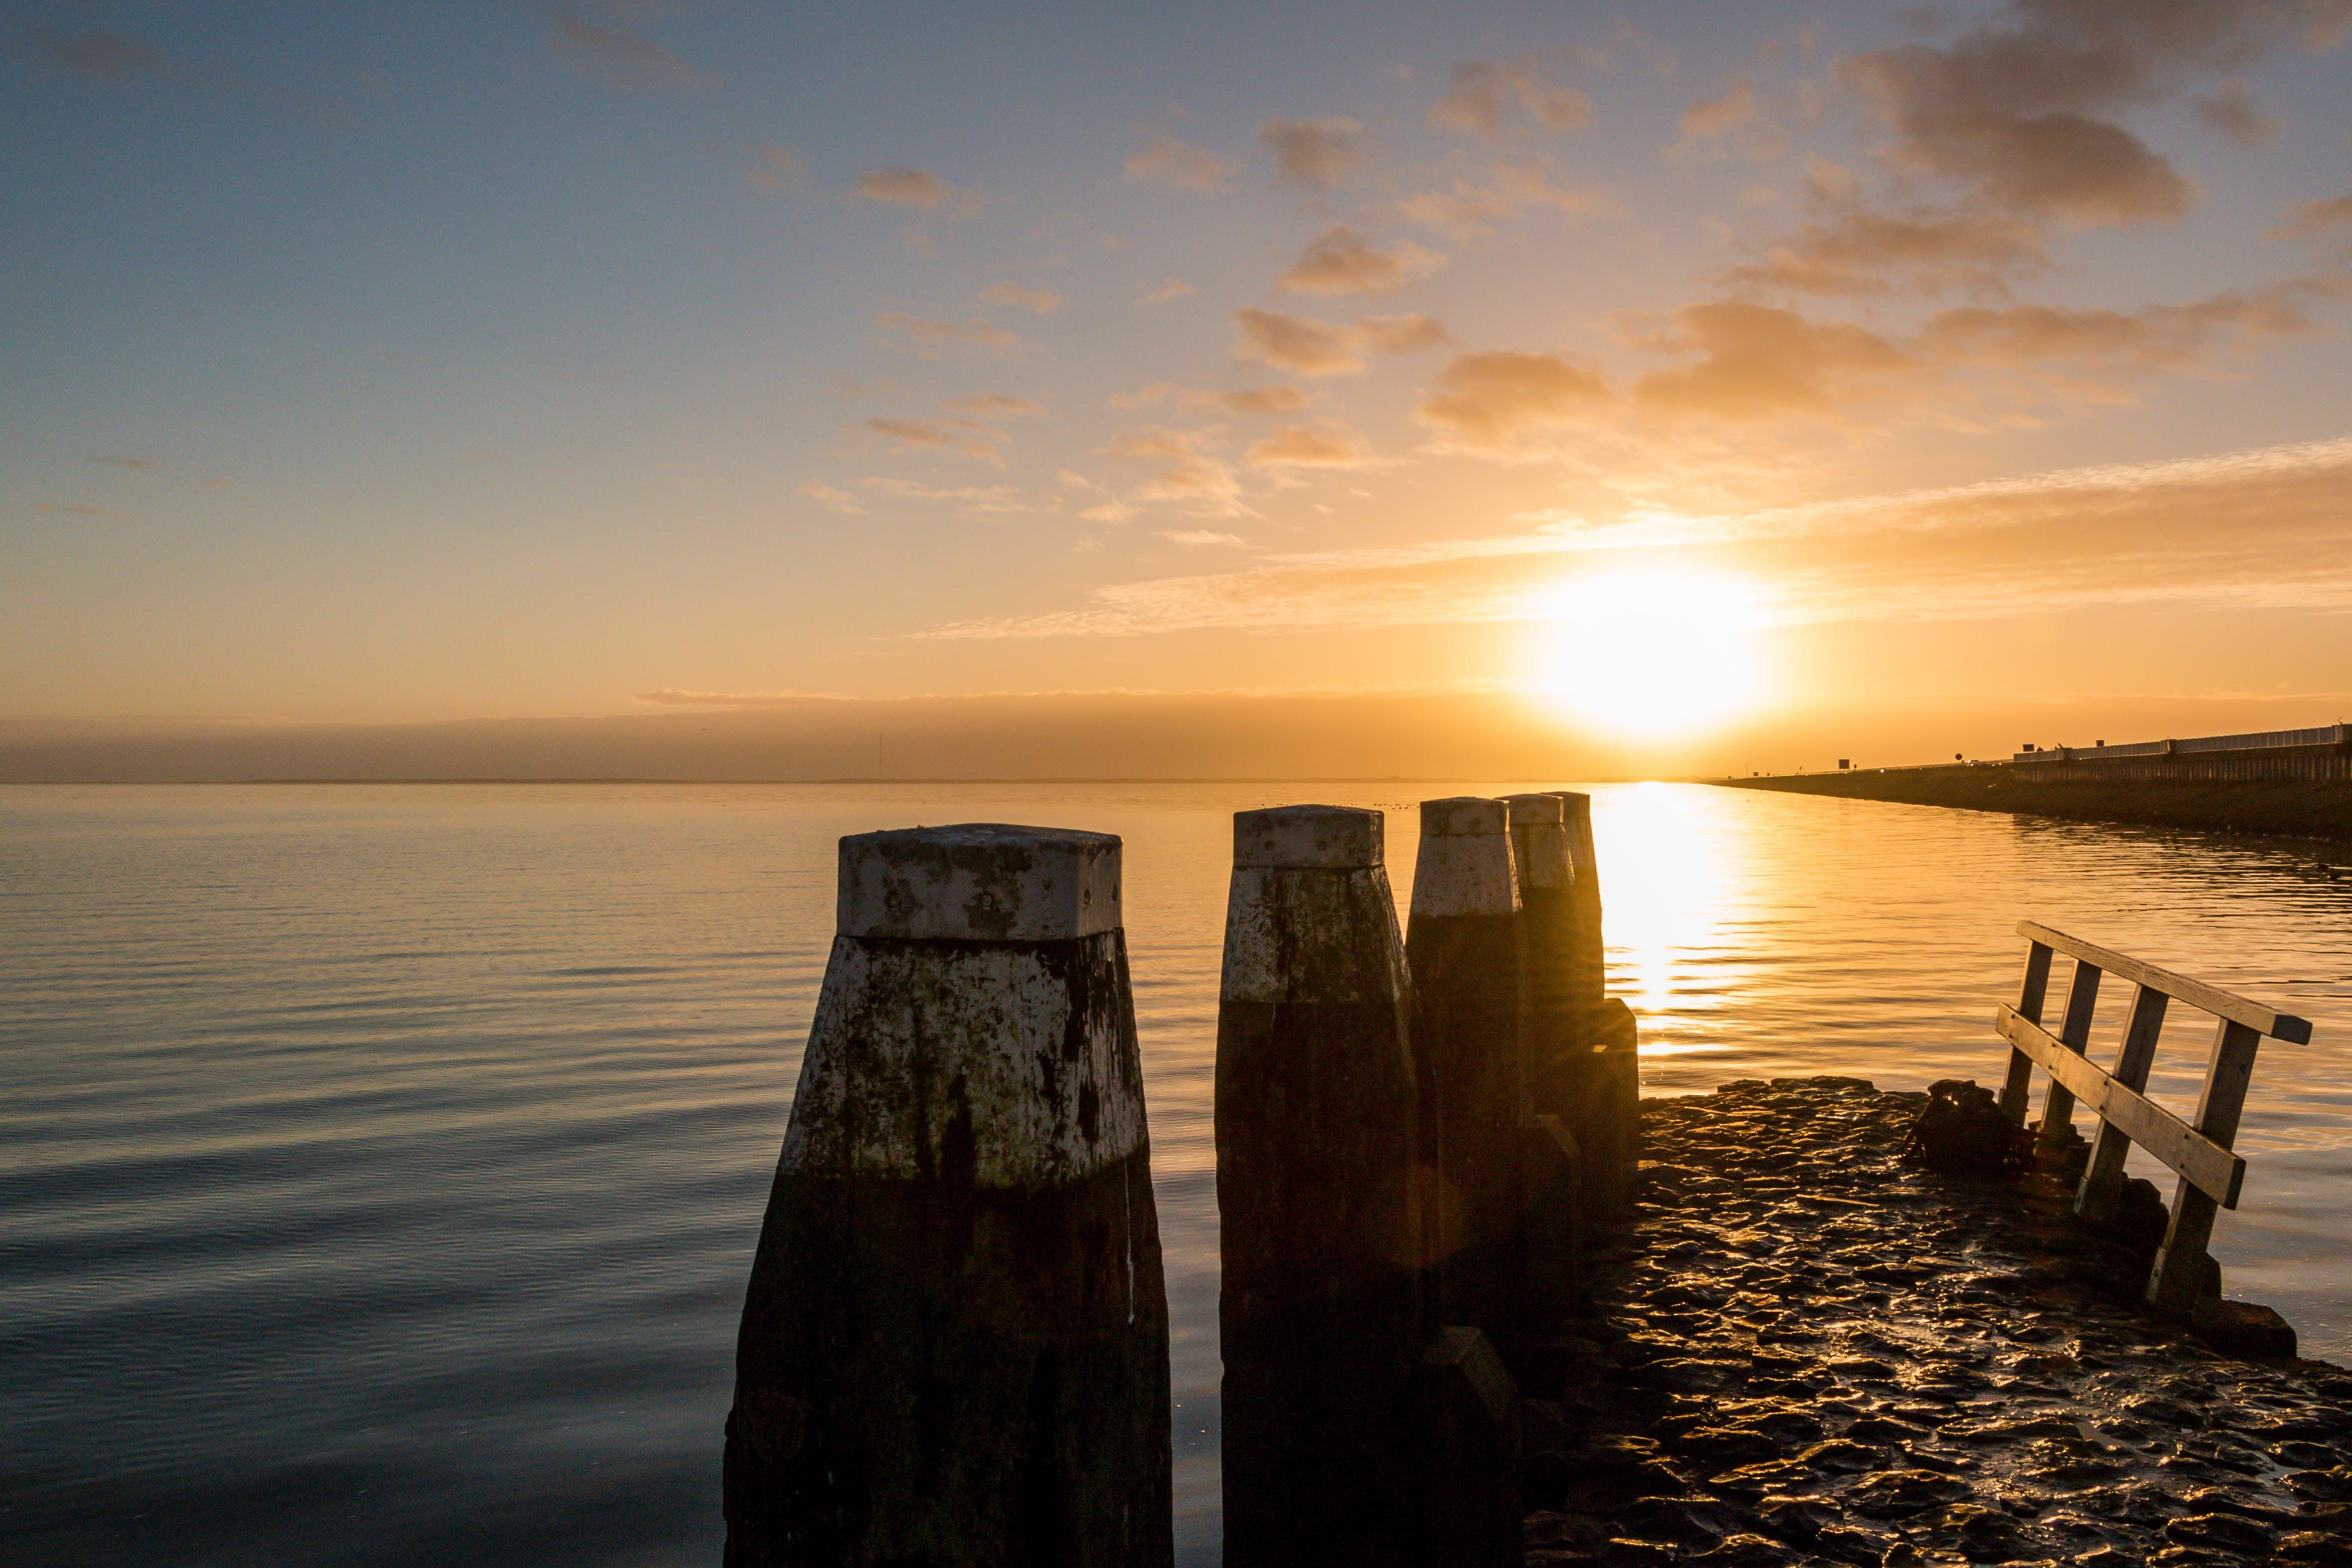 Kostenloses Stock Foto zu abendsonne, afsluitdijk, blau, blauer himmel